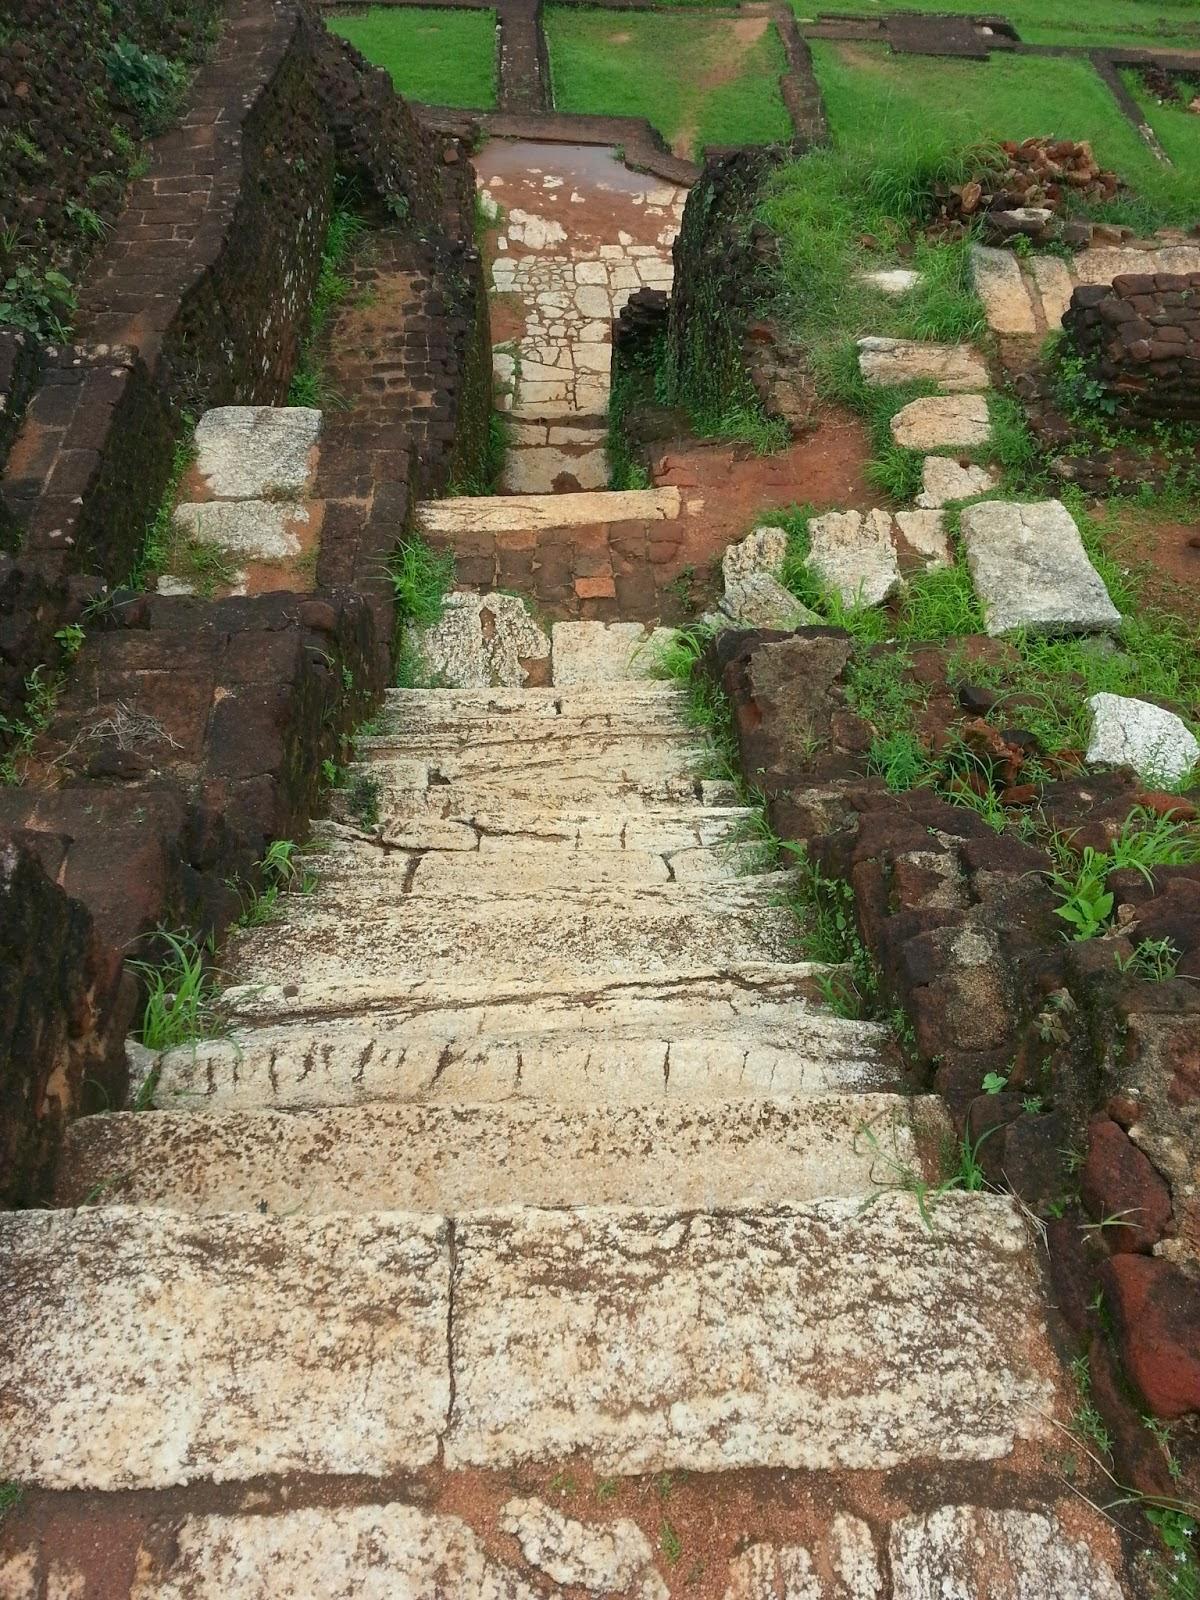 Древняя лестница ведущая вниз вершины пирамиды Сигирии, гранитному трону, выложена белым камнем